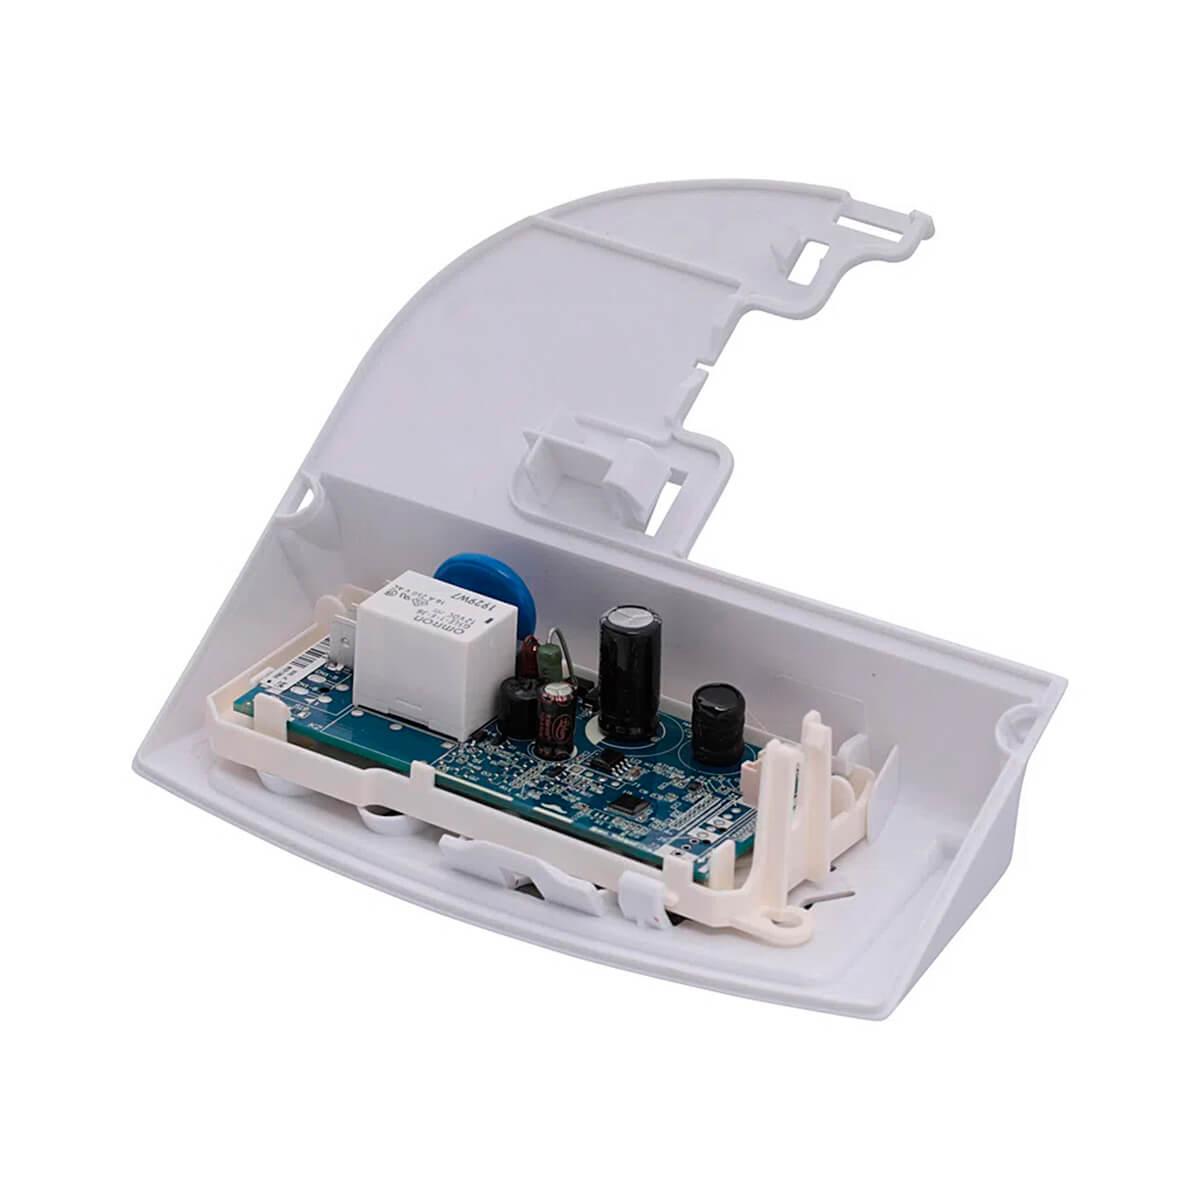 Conjunto Caixa De Controle e Iluminação Bivolt Para Geladeira Consul - W10711595